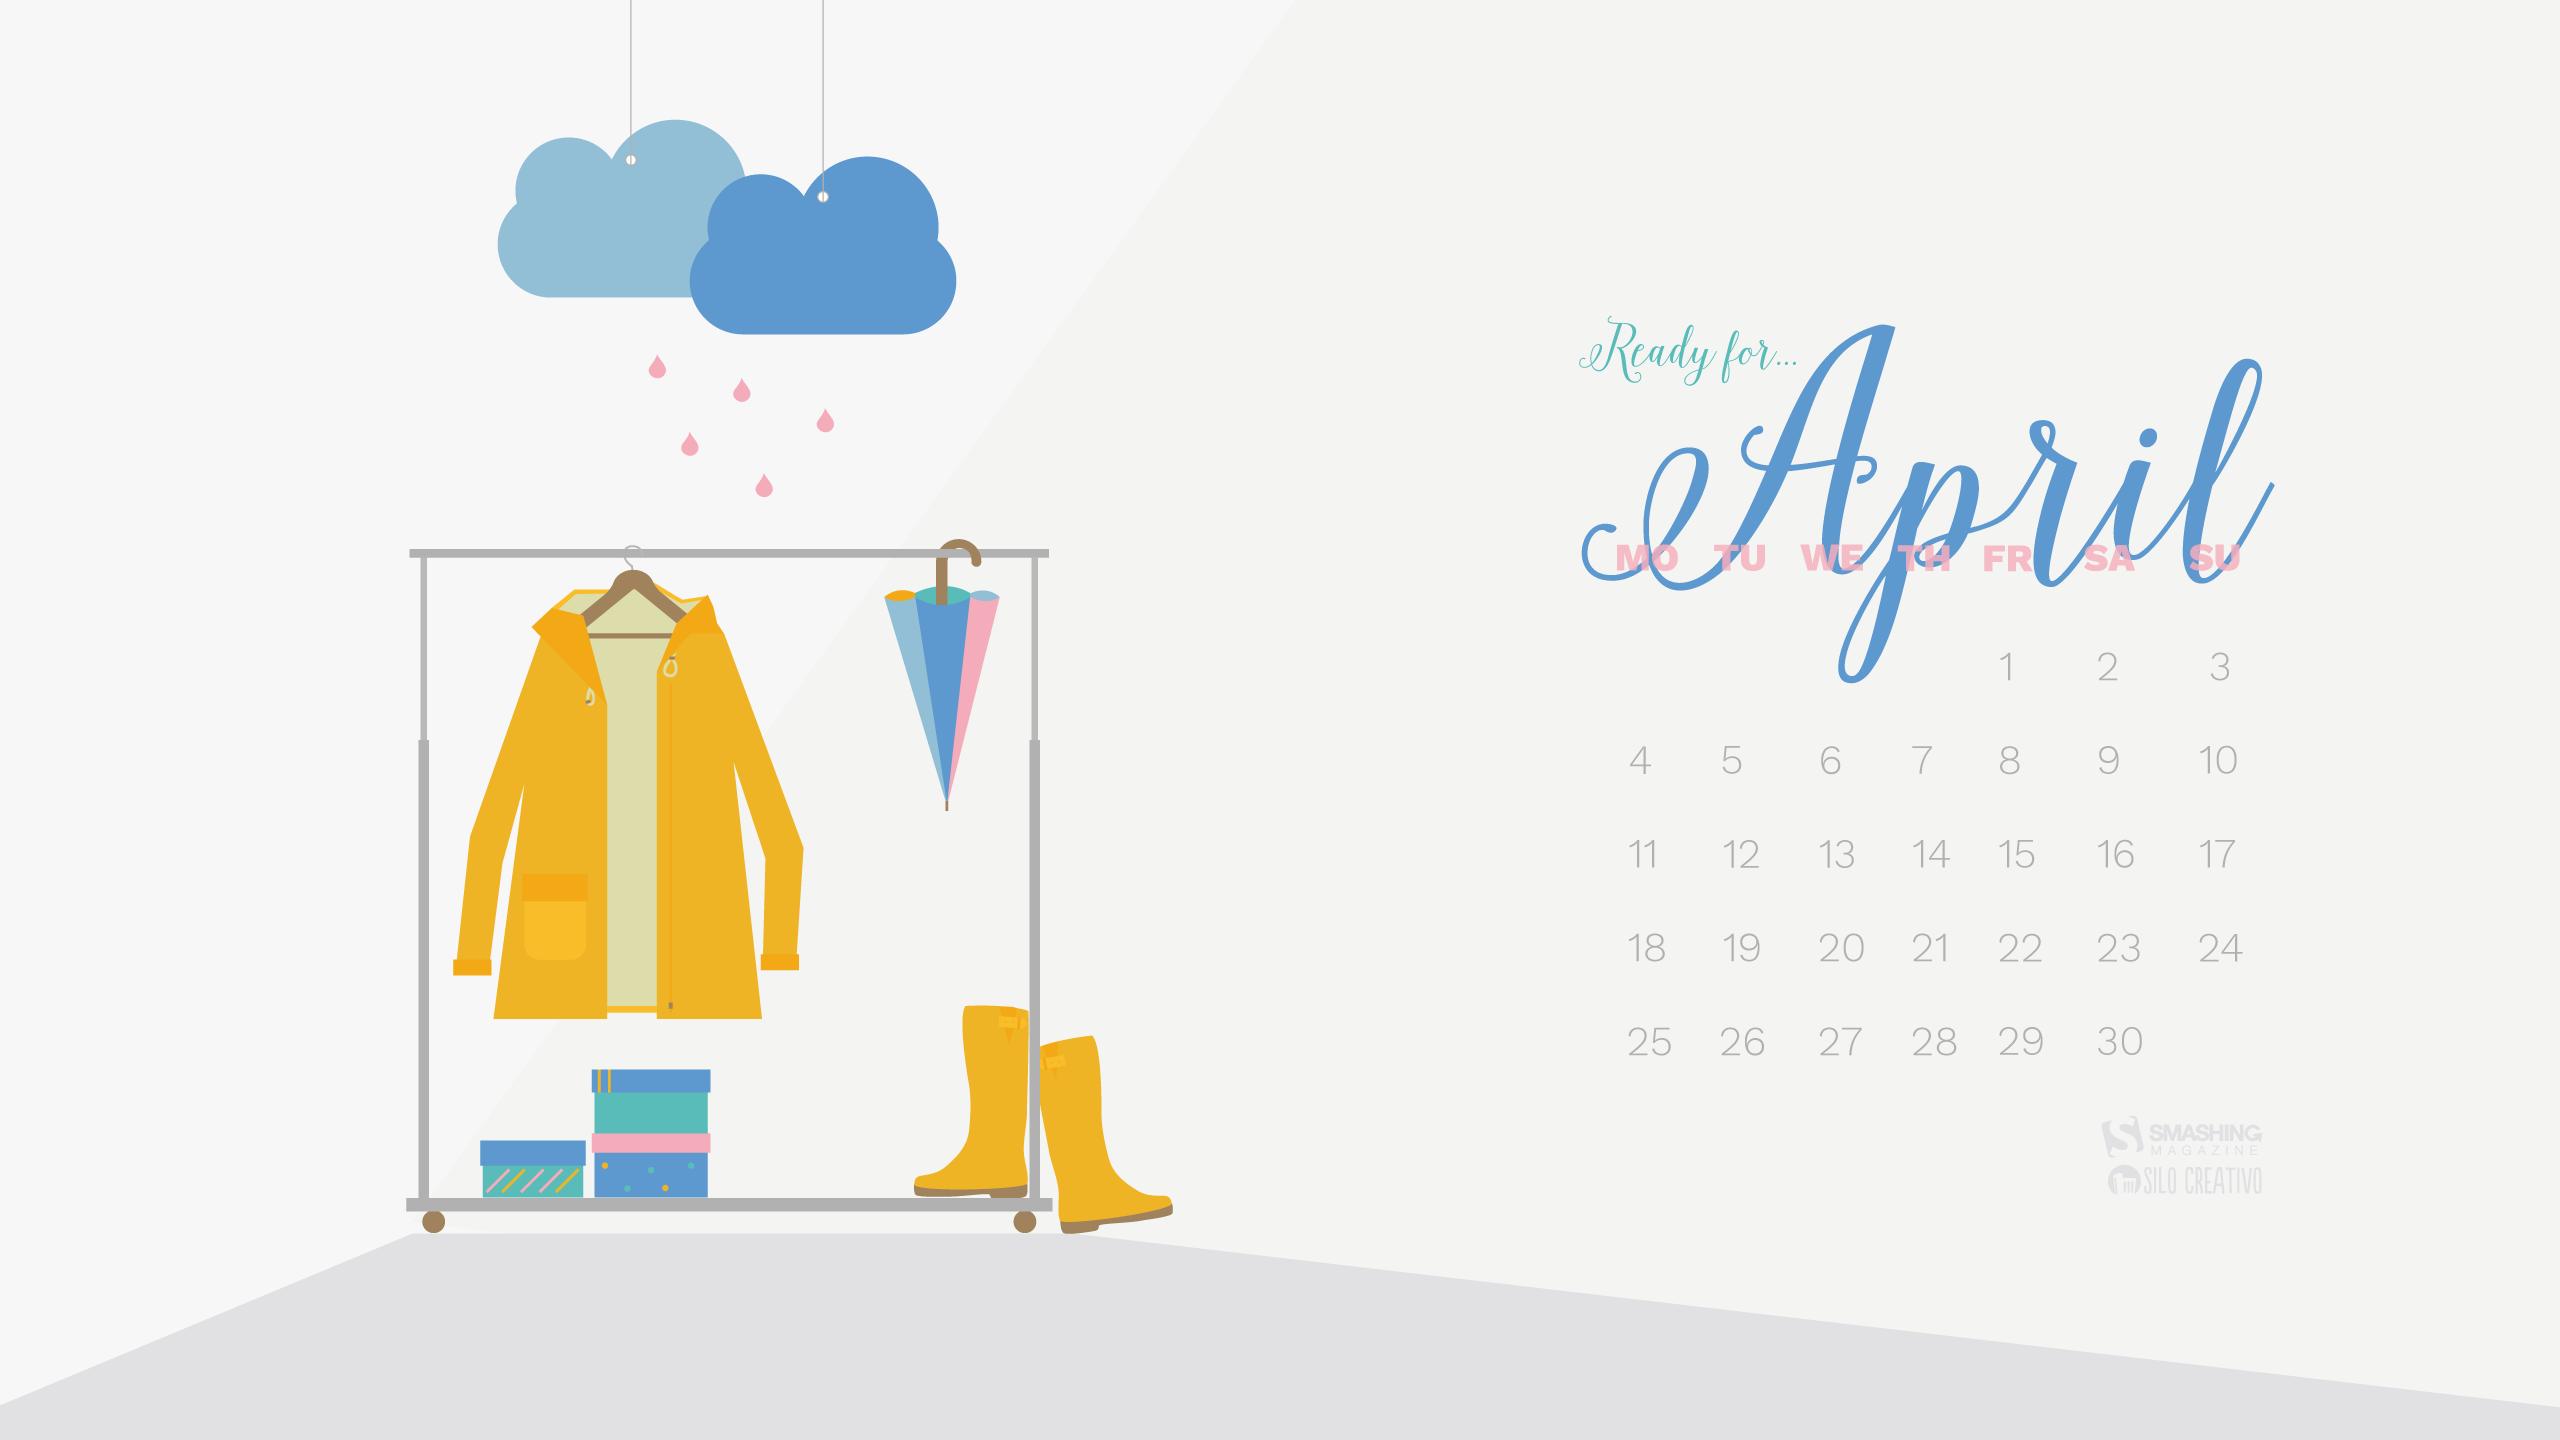 Free Download Desktop Wallpaper Calendars April 2016 Smashing